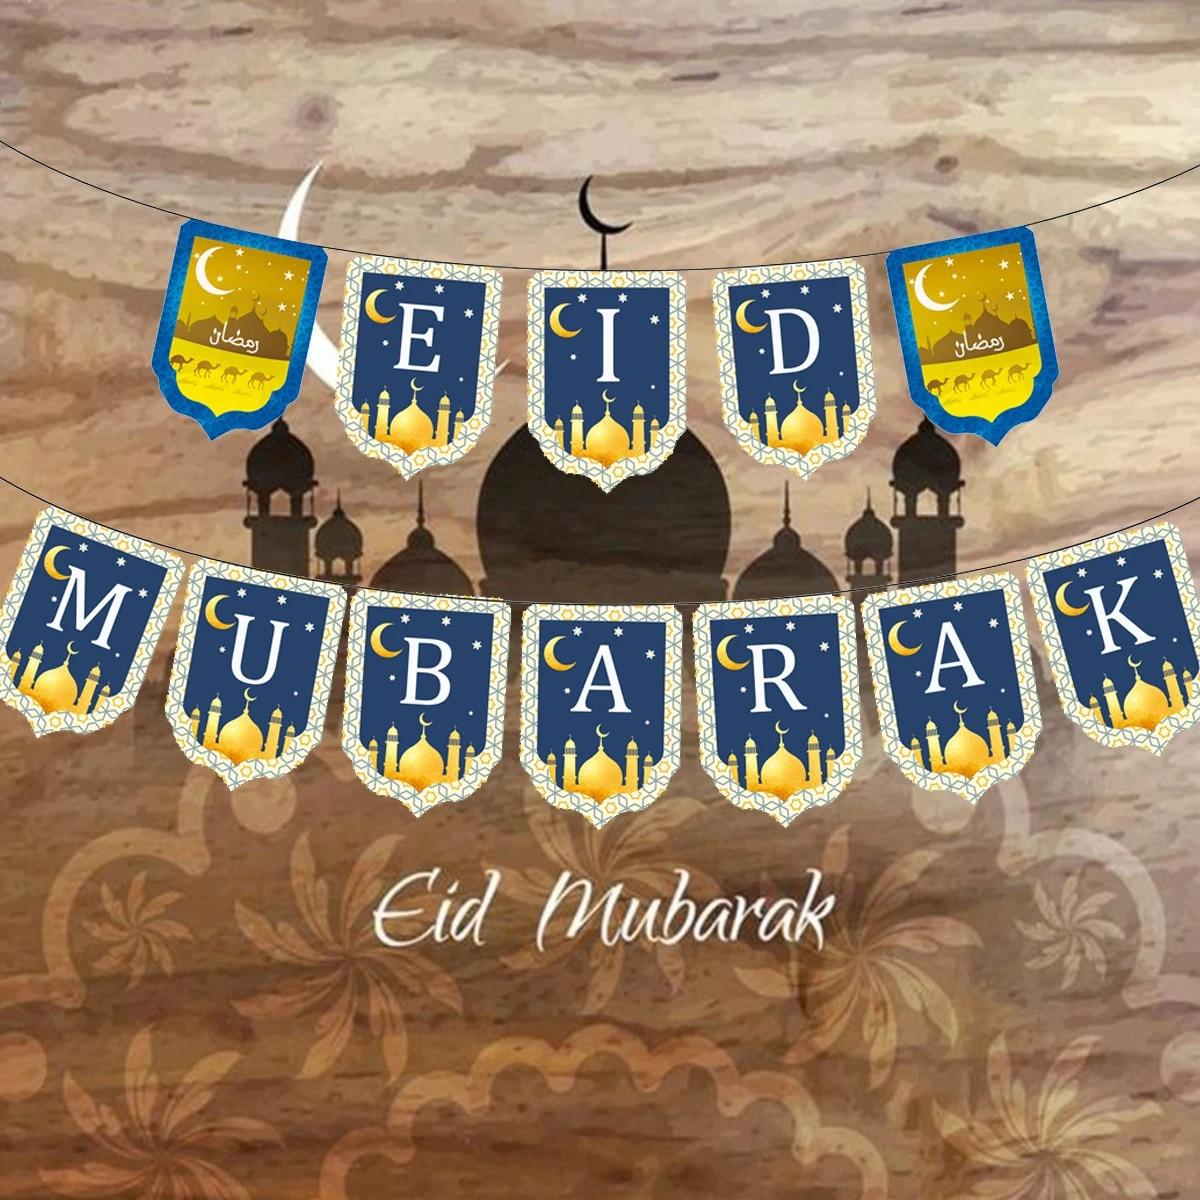 Eid Mubarak Banner Ramadan Kareem Dekorasi Wall Hanging Kertas Bendera Garland Muslim Islam Al Lebaran Haji Mubarak Perlengkapan Pesta Spanduk Pita Confetti Aliexpress